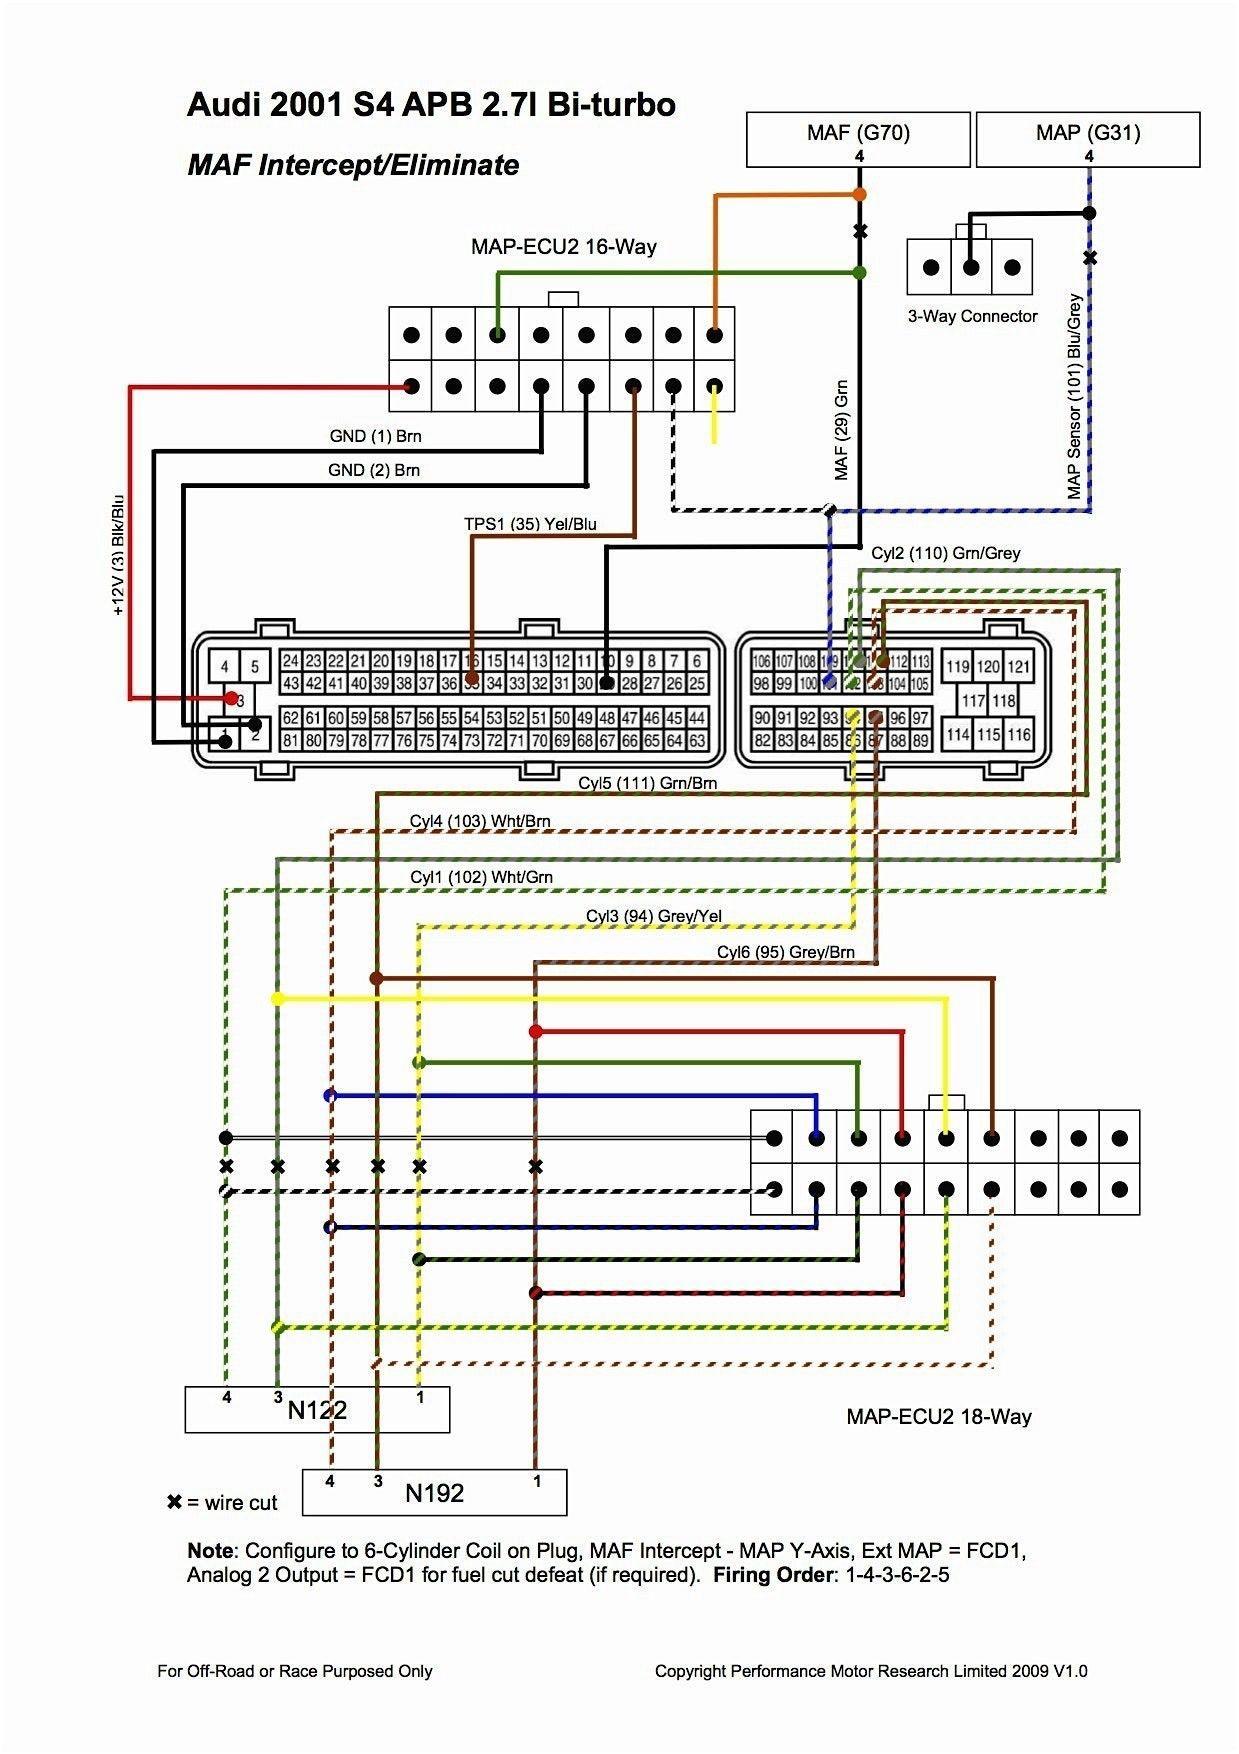 new bmw e46 head unit wiring diagram | trailer wiring diagram, diagram,  electrical wiring diagram  pinterest